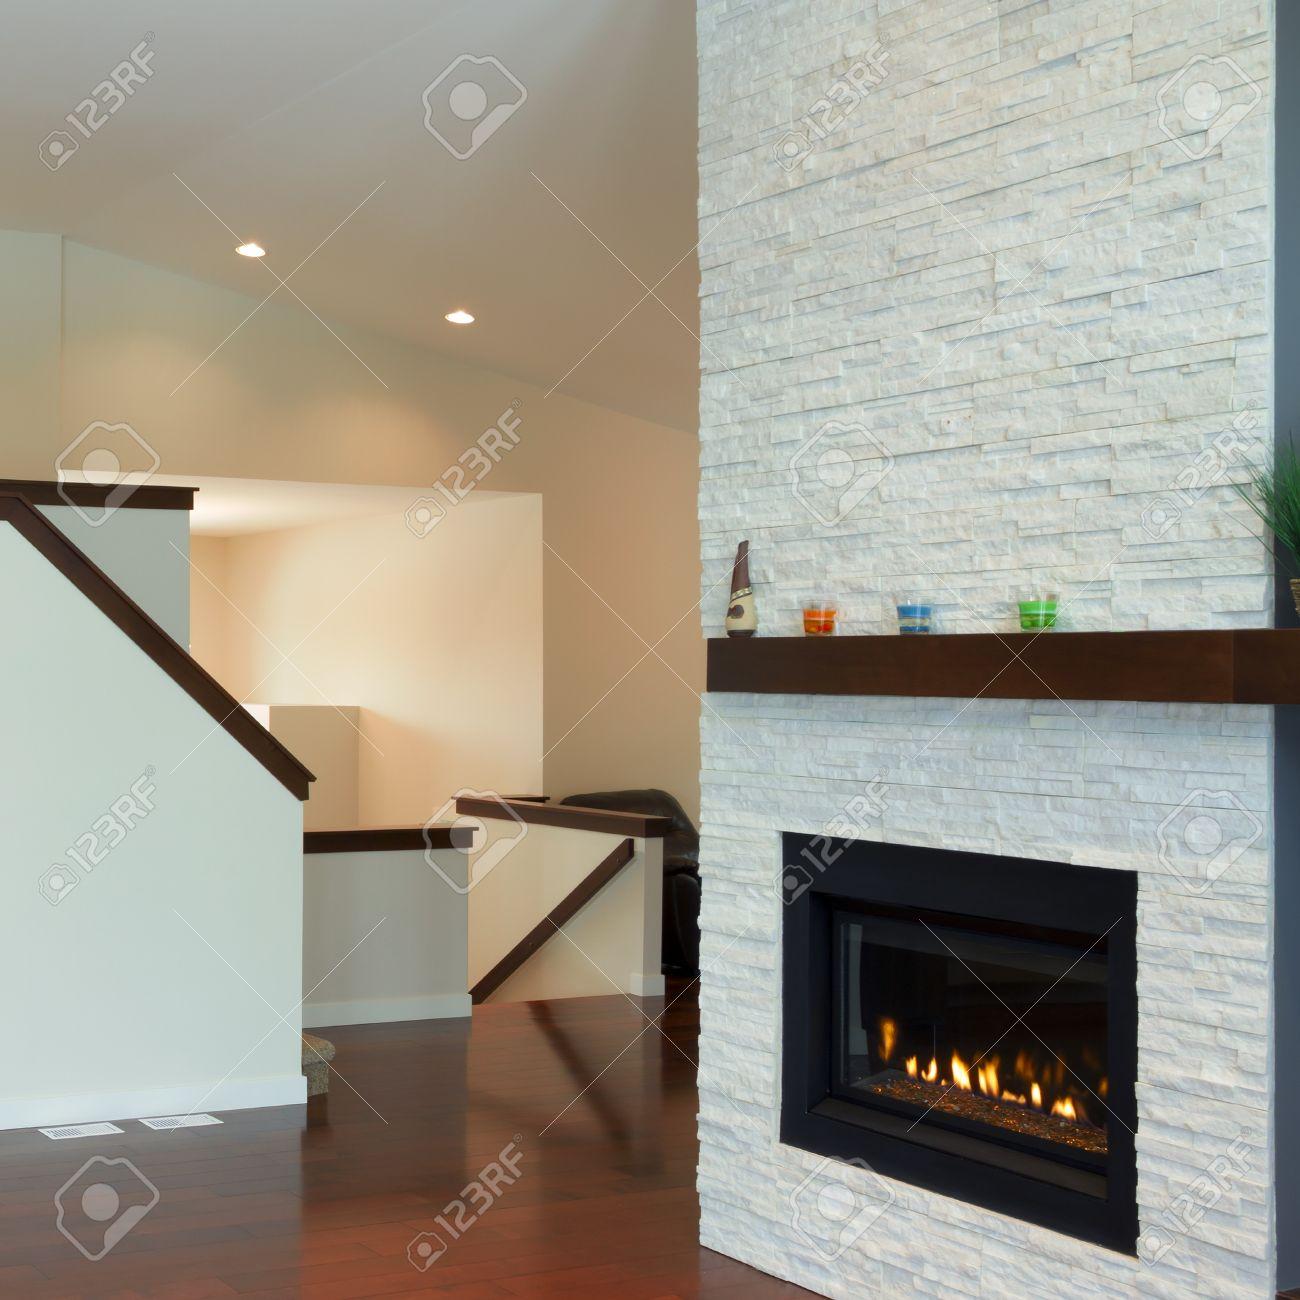 cheap diseo interior de sala de estar con chimenea moderna en una casa nueva foto de archivo with chimenea moderna - Chimenea Moderna